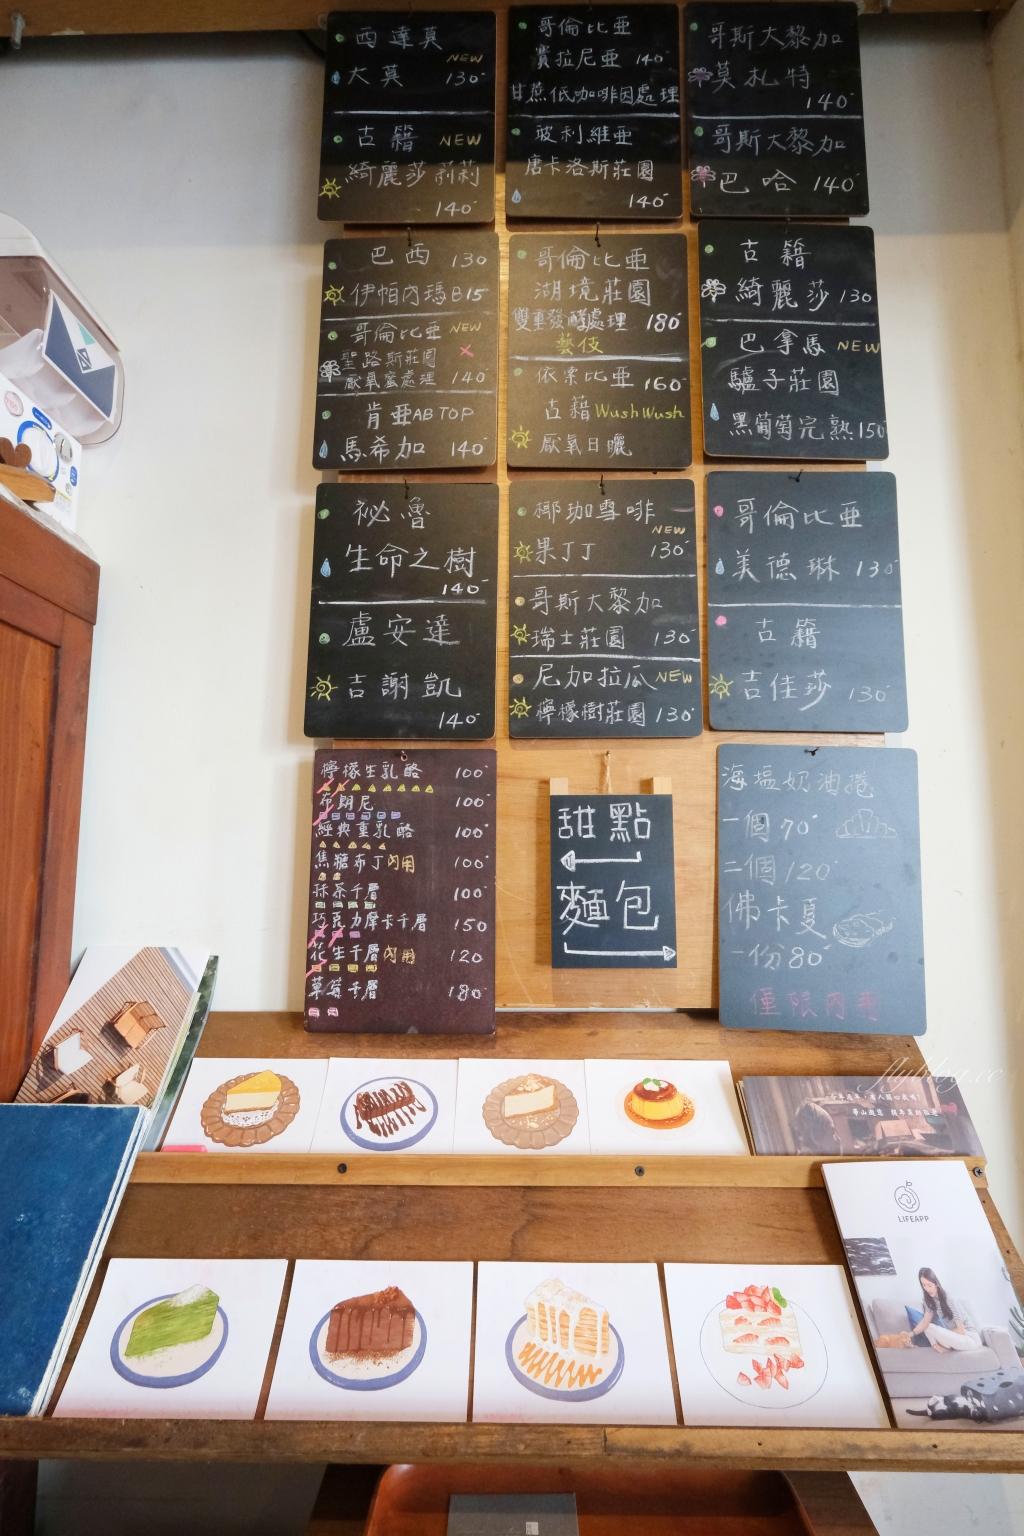 【彰化北斗】豪咖啡:回鄉也要喝杯好咖啡,社頭的深夜咖啡館 @飛天璇的口袋